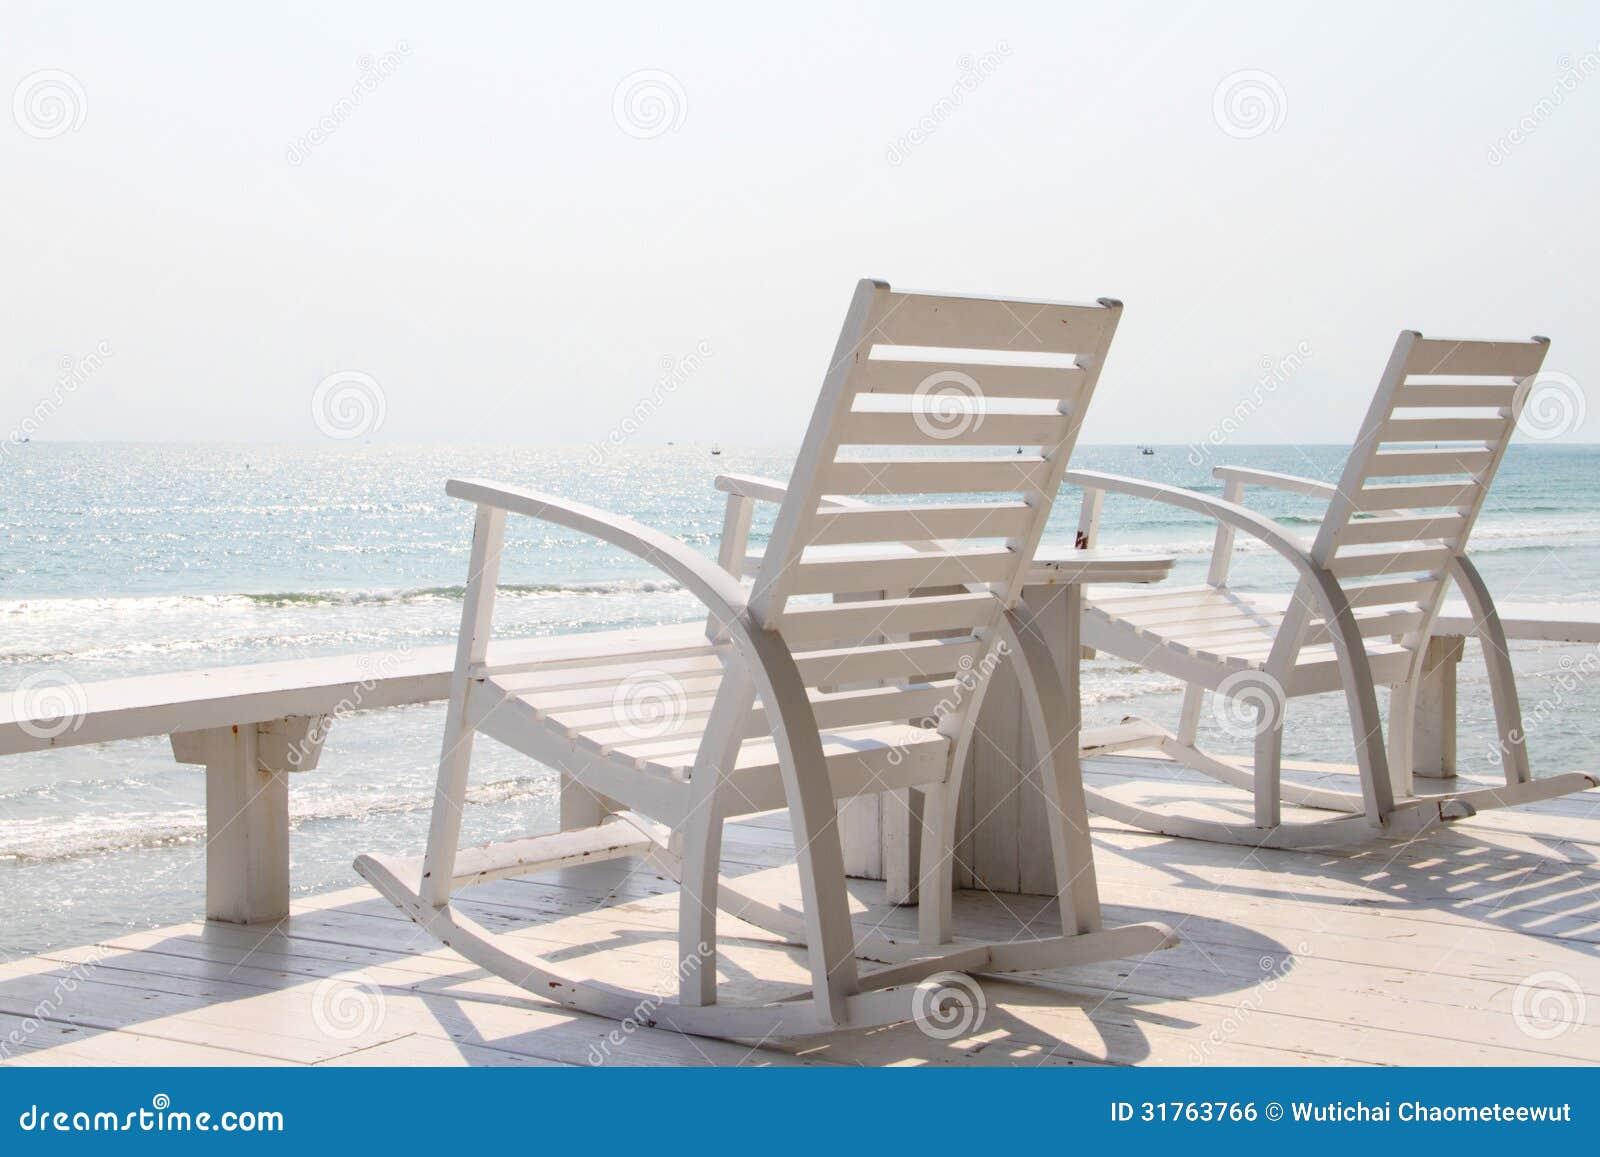 schaukelstuhl auf dem strand stockfoto bild von ozean drau en 31763766. Black Bedroom Furniture Sets. Home Design Ideas